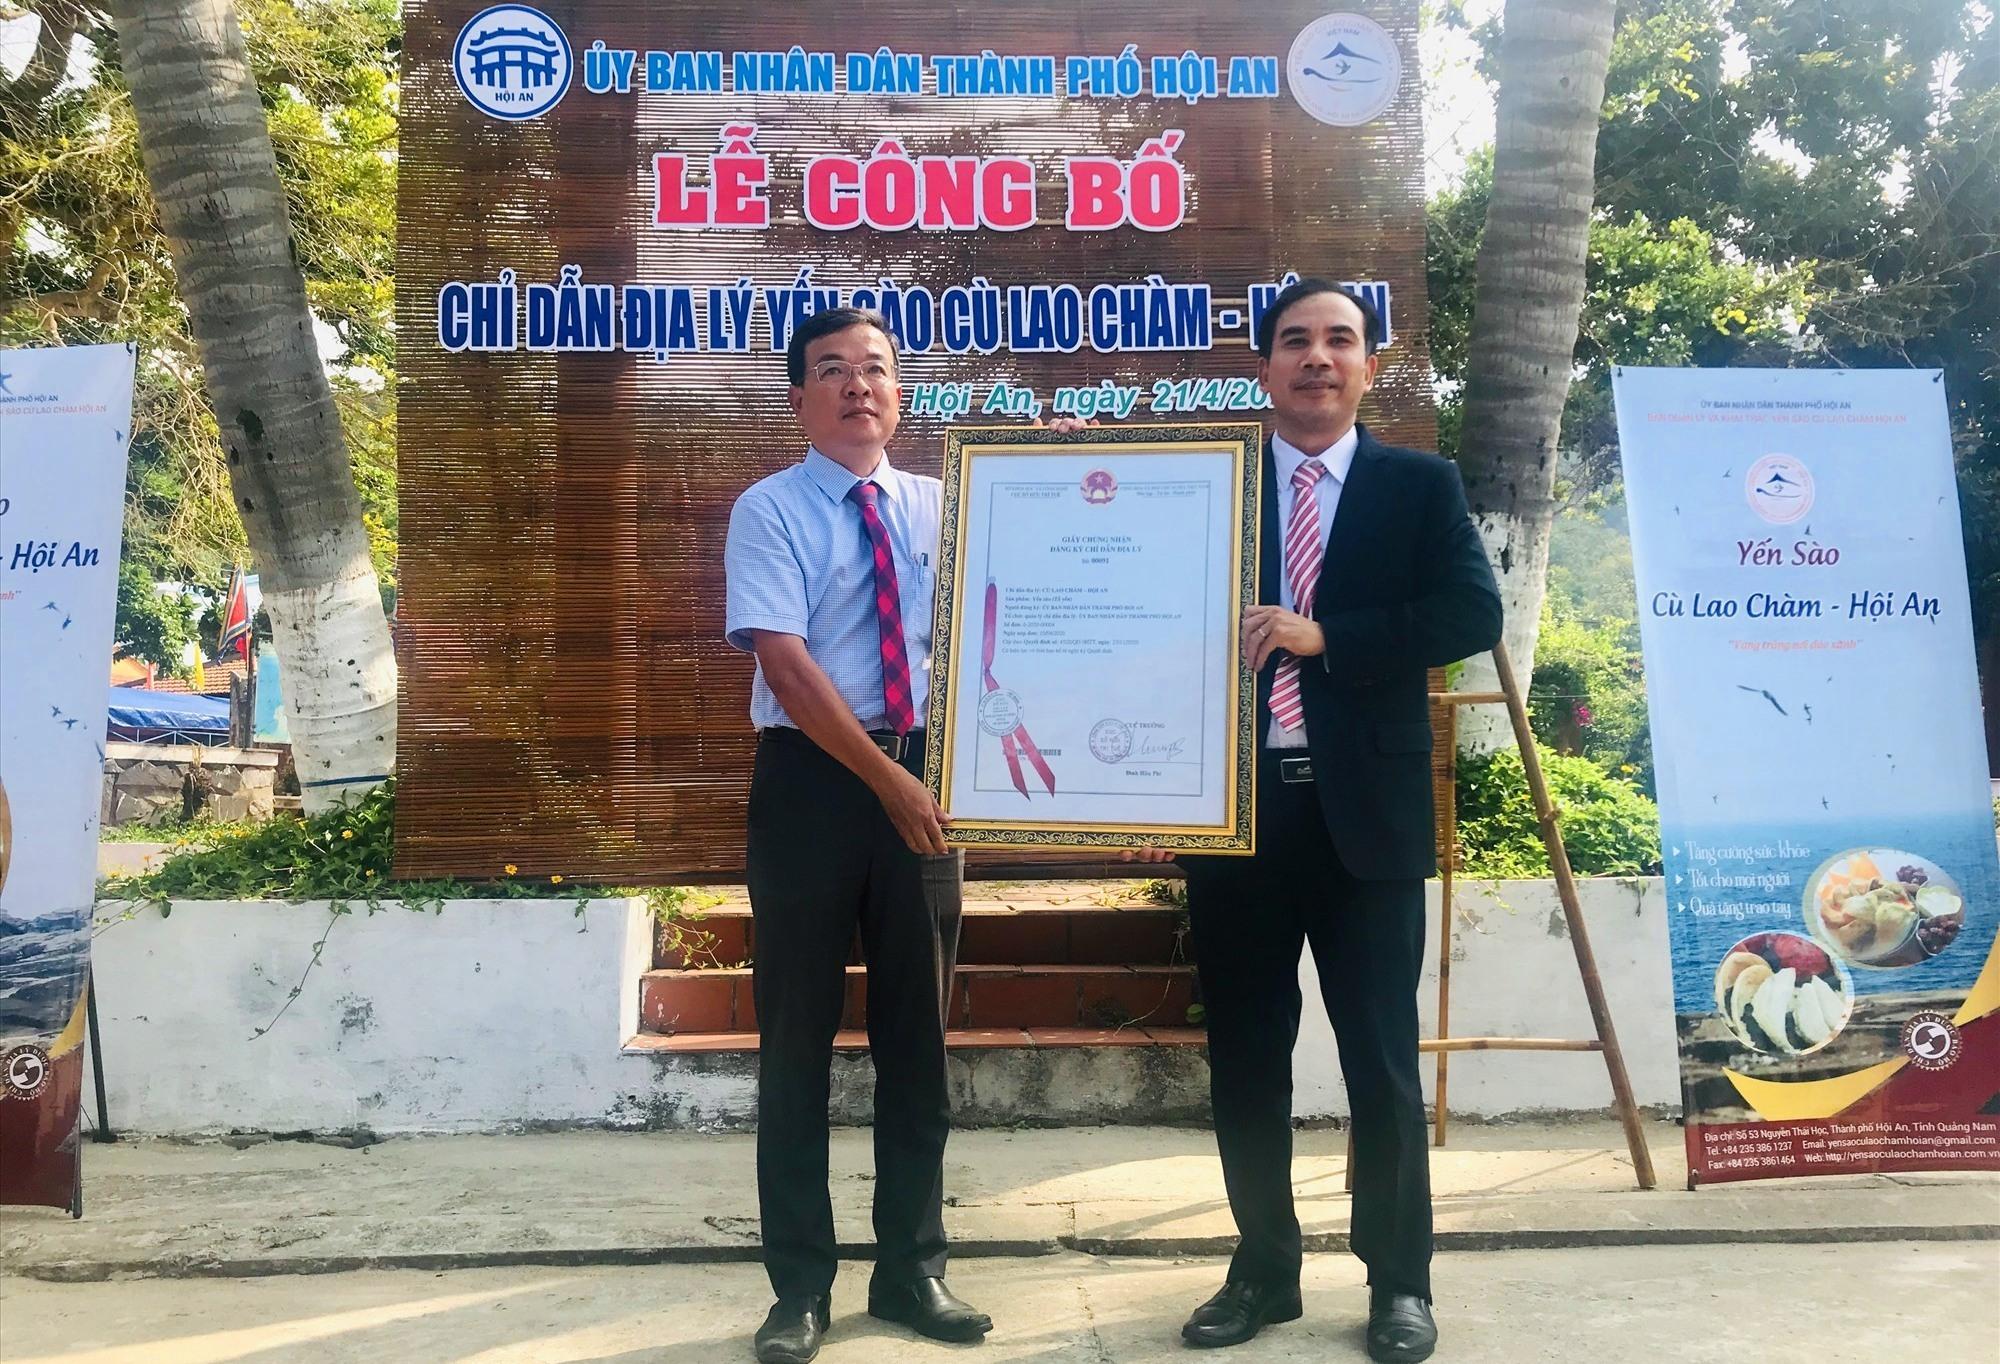 Công bố chỉ dẫn địa lý cho sản phẩm yến sào Cù lao Chàm - Hội An